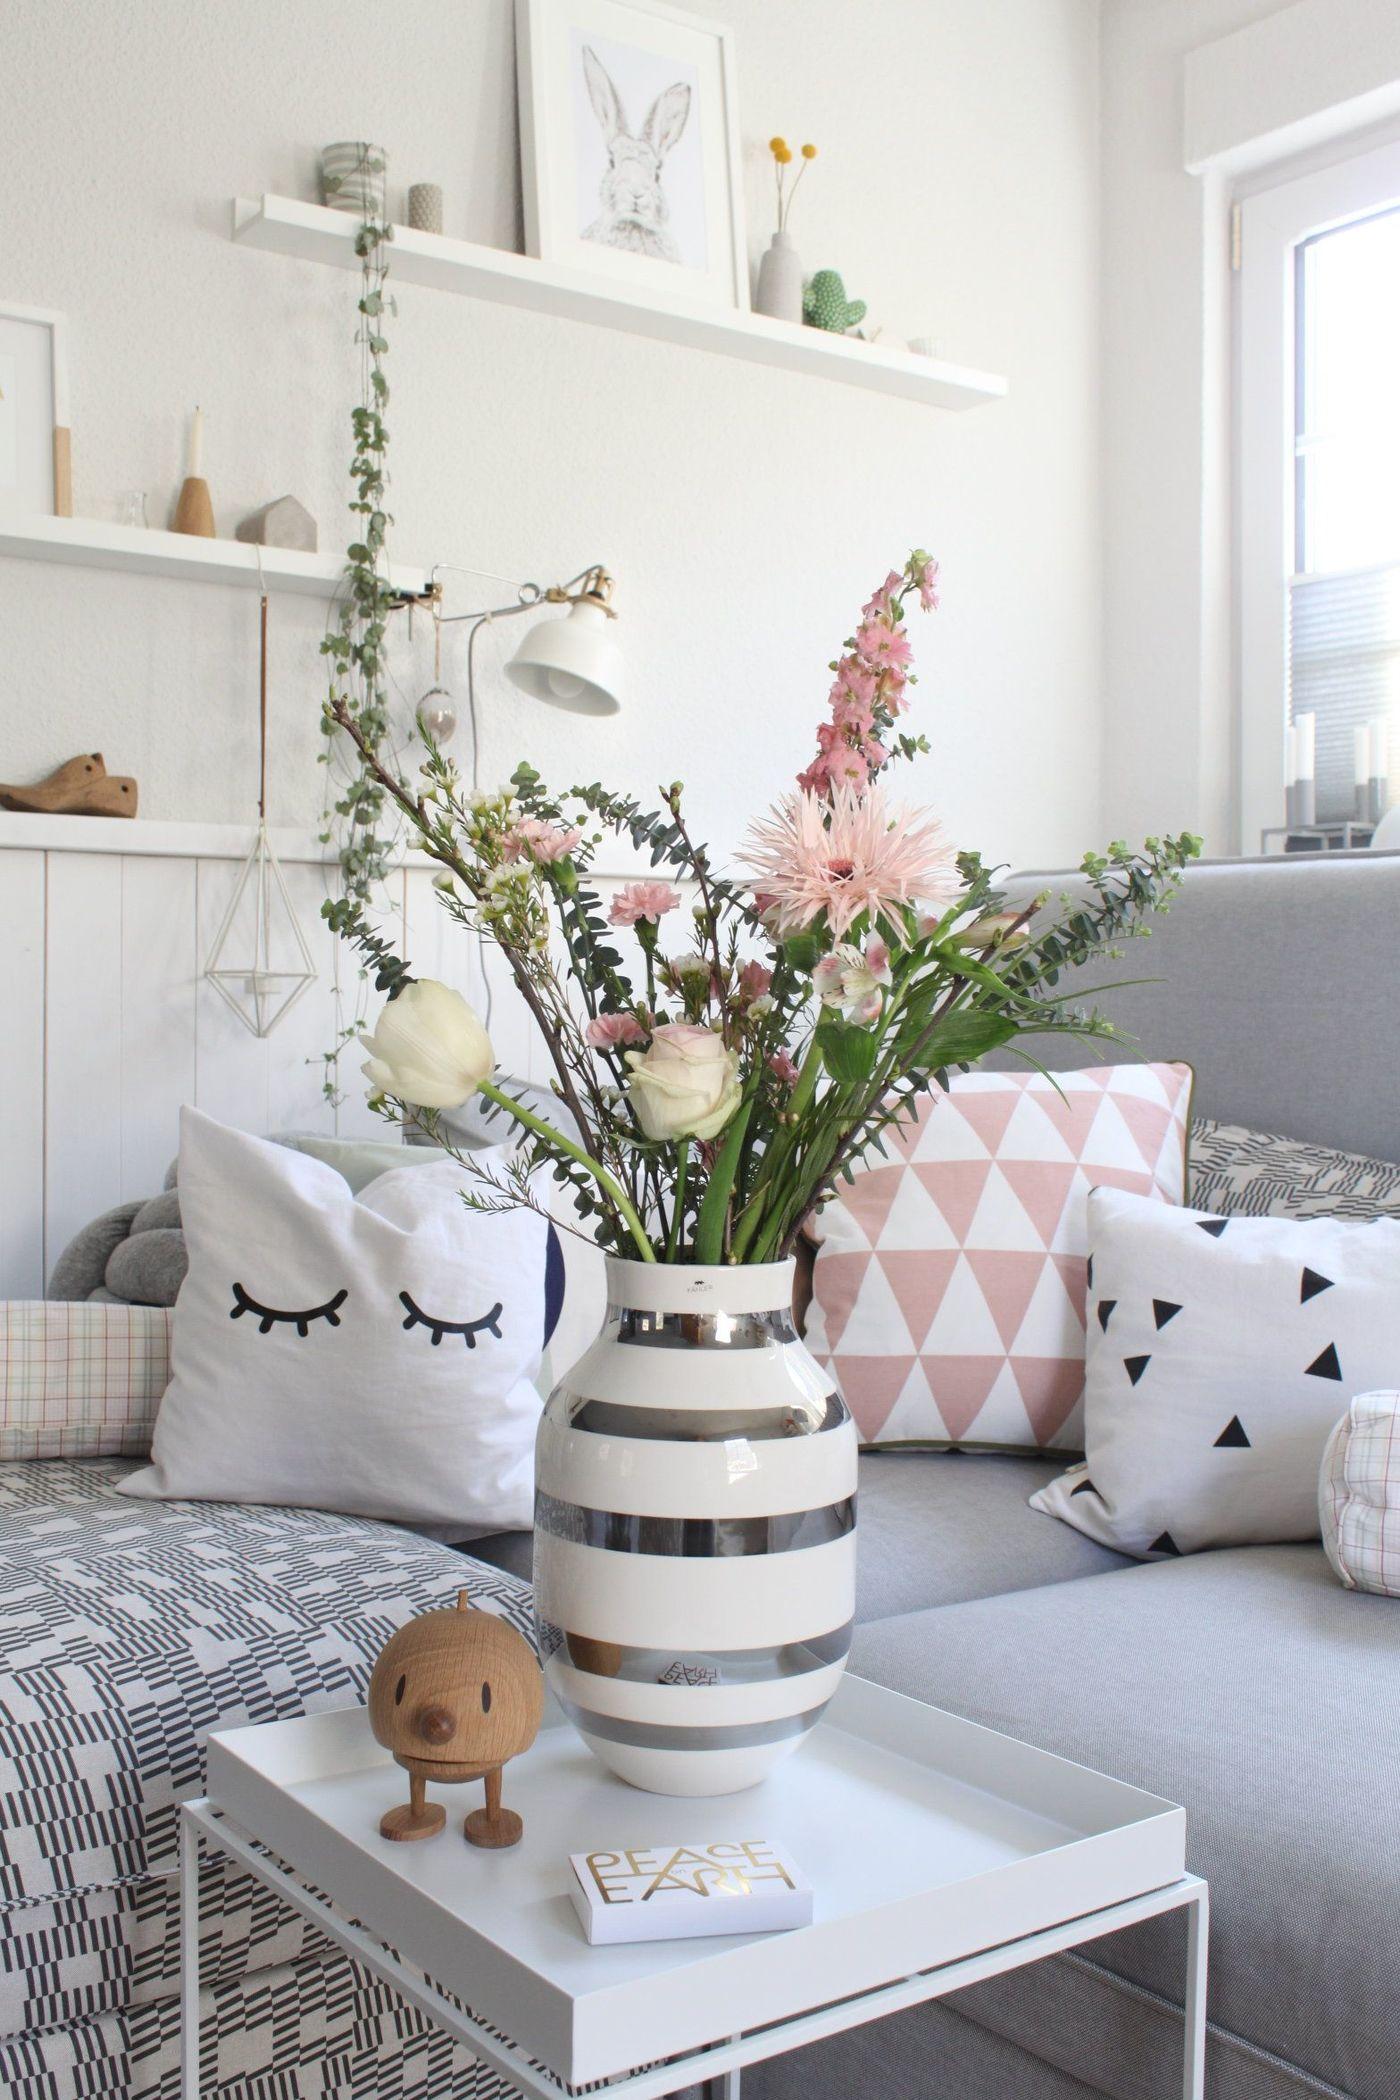 Full Size of Ikea Küche Kosten Sofa Mit Schlaffunktion Miniküche Betten 160x200 Bei Hängeregal Kaufen Modulküche Wohnzimmer Ikea Hängeregal